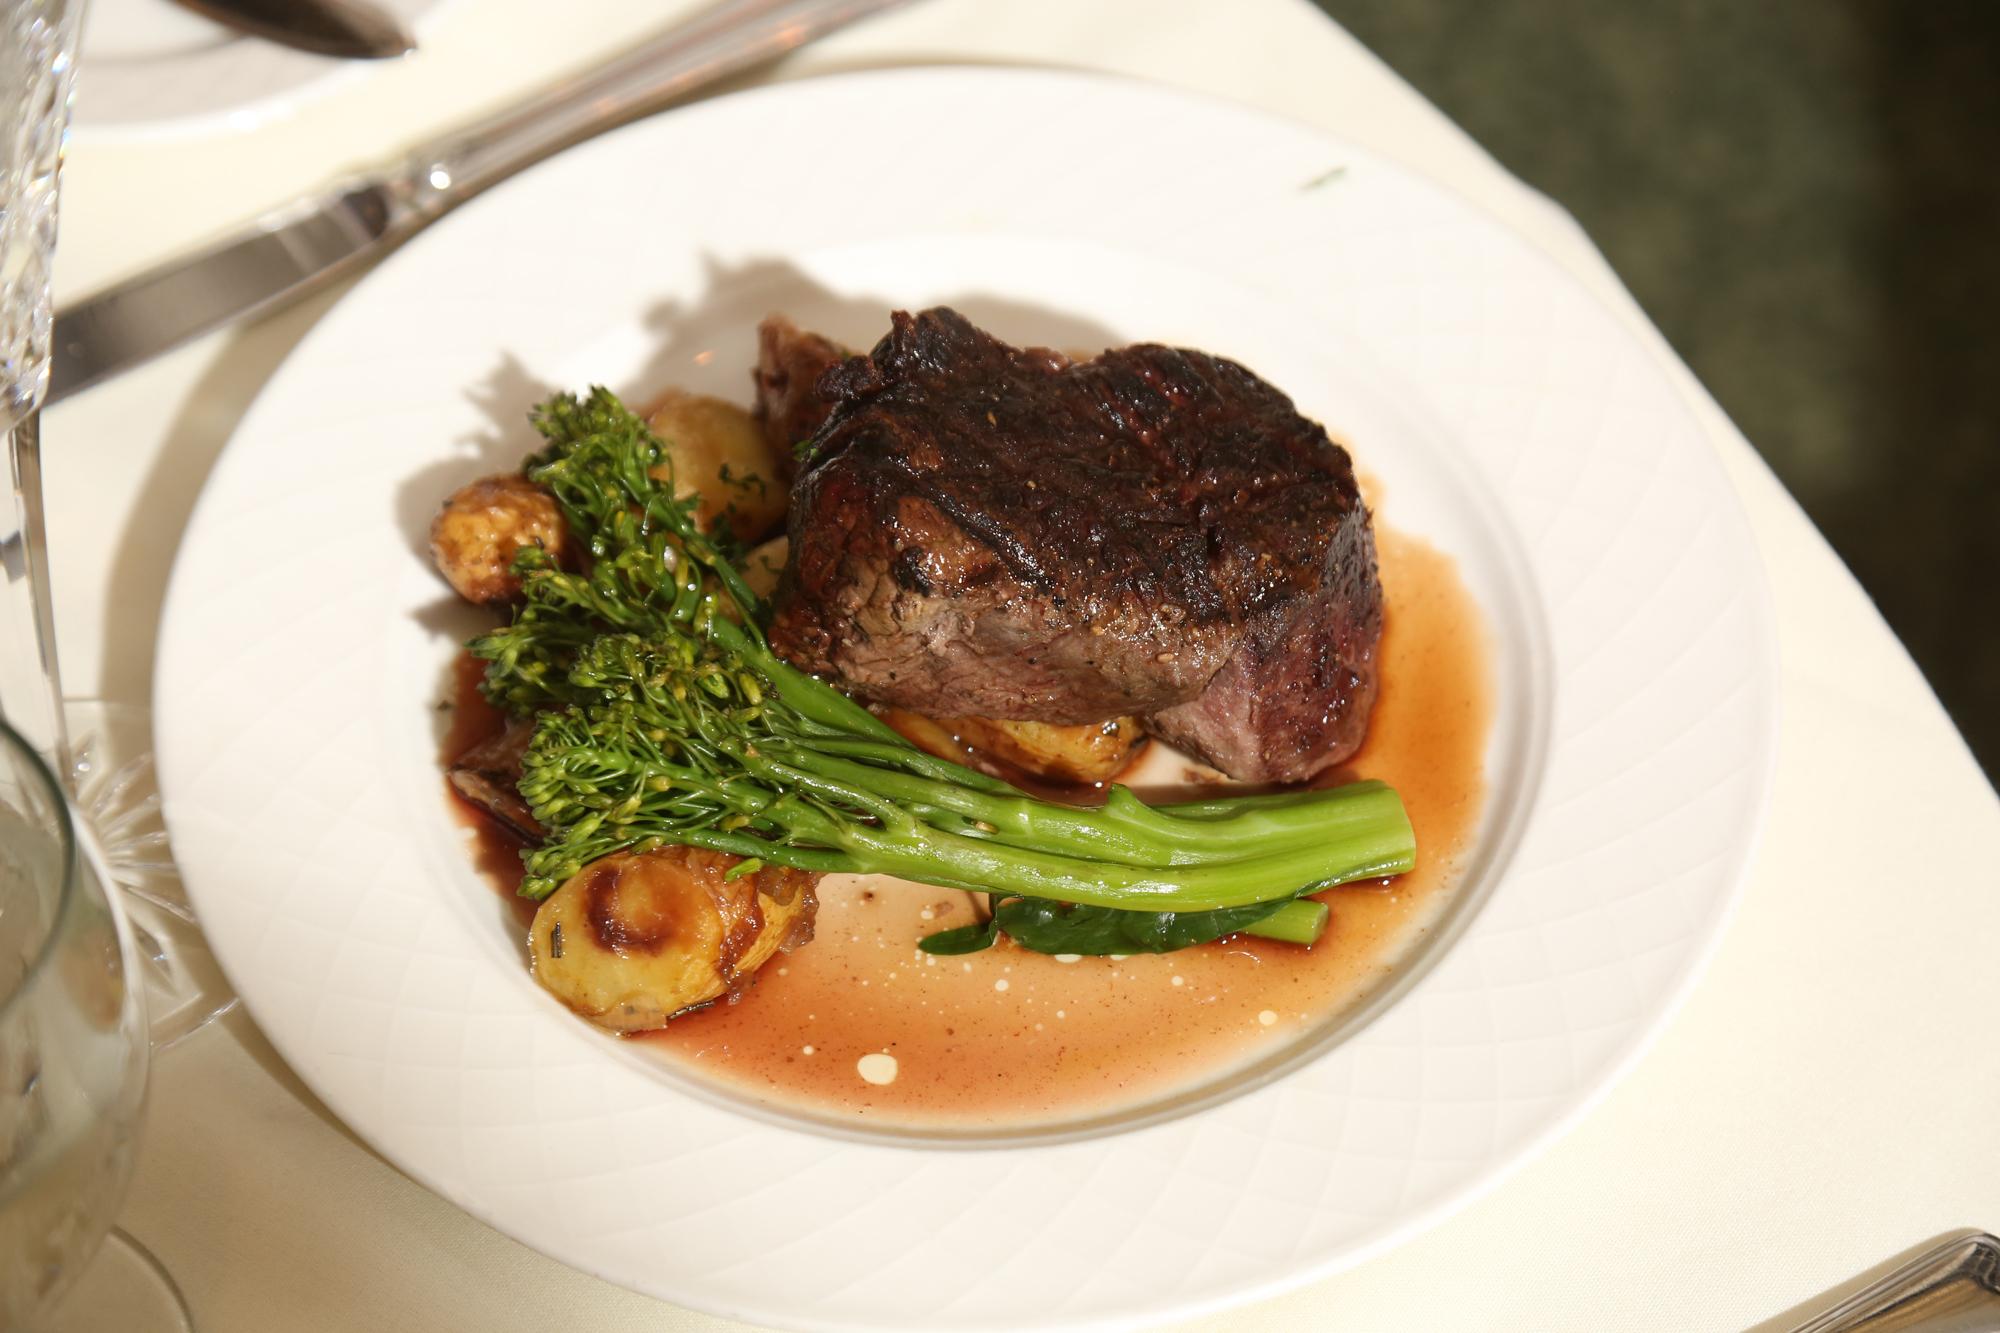 Steak at wedding venues